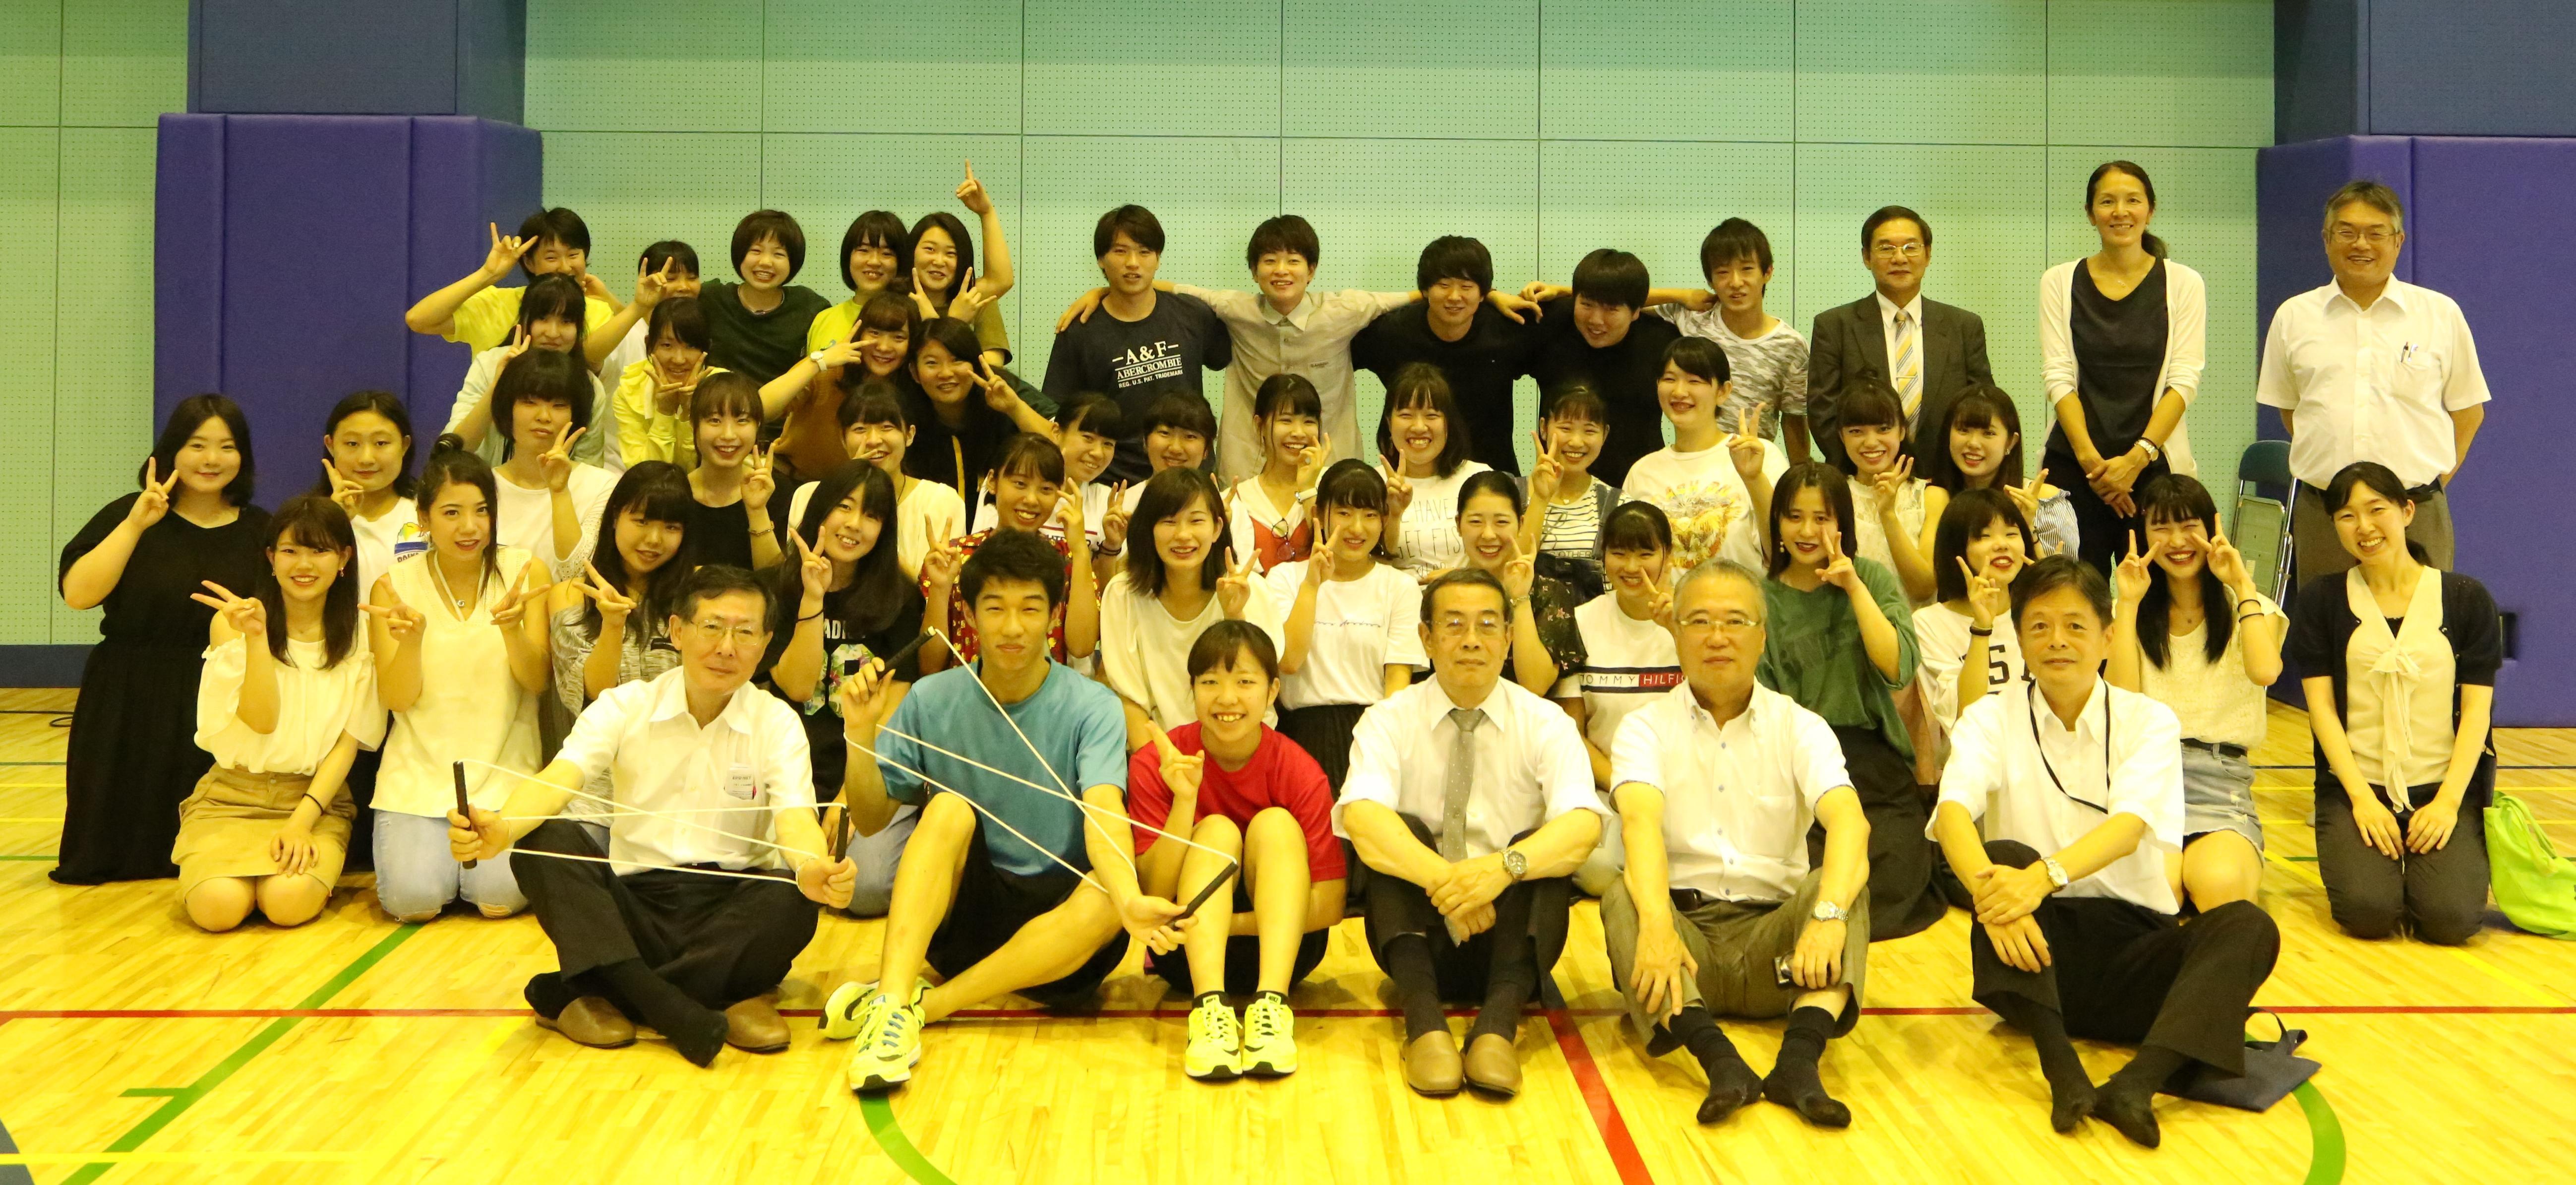 江戸川大学こどもコミュニケーション学科の学生がロープスキッピング世界大会に日本代表として出場